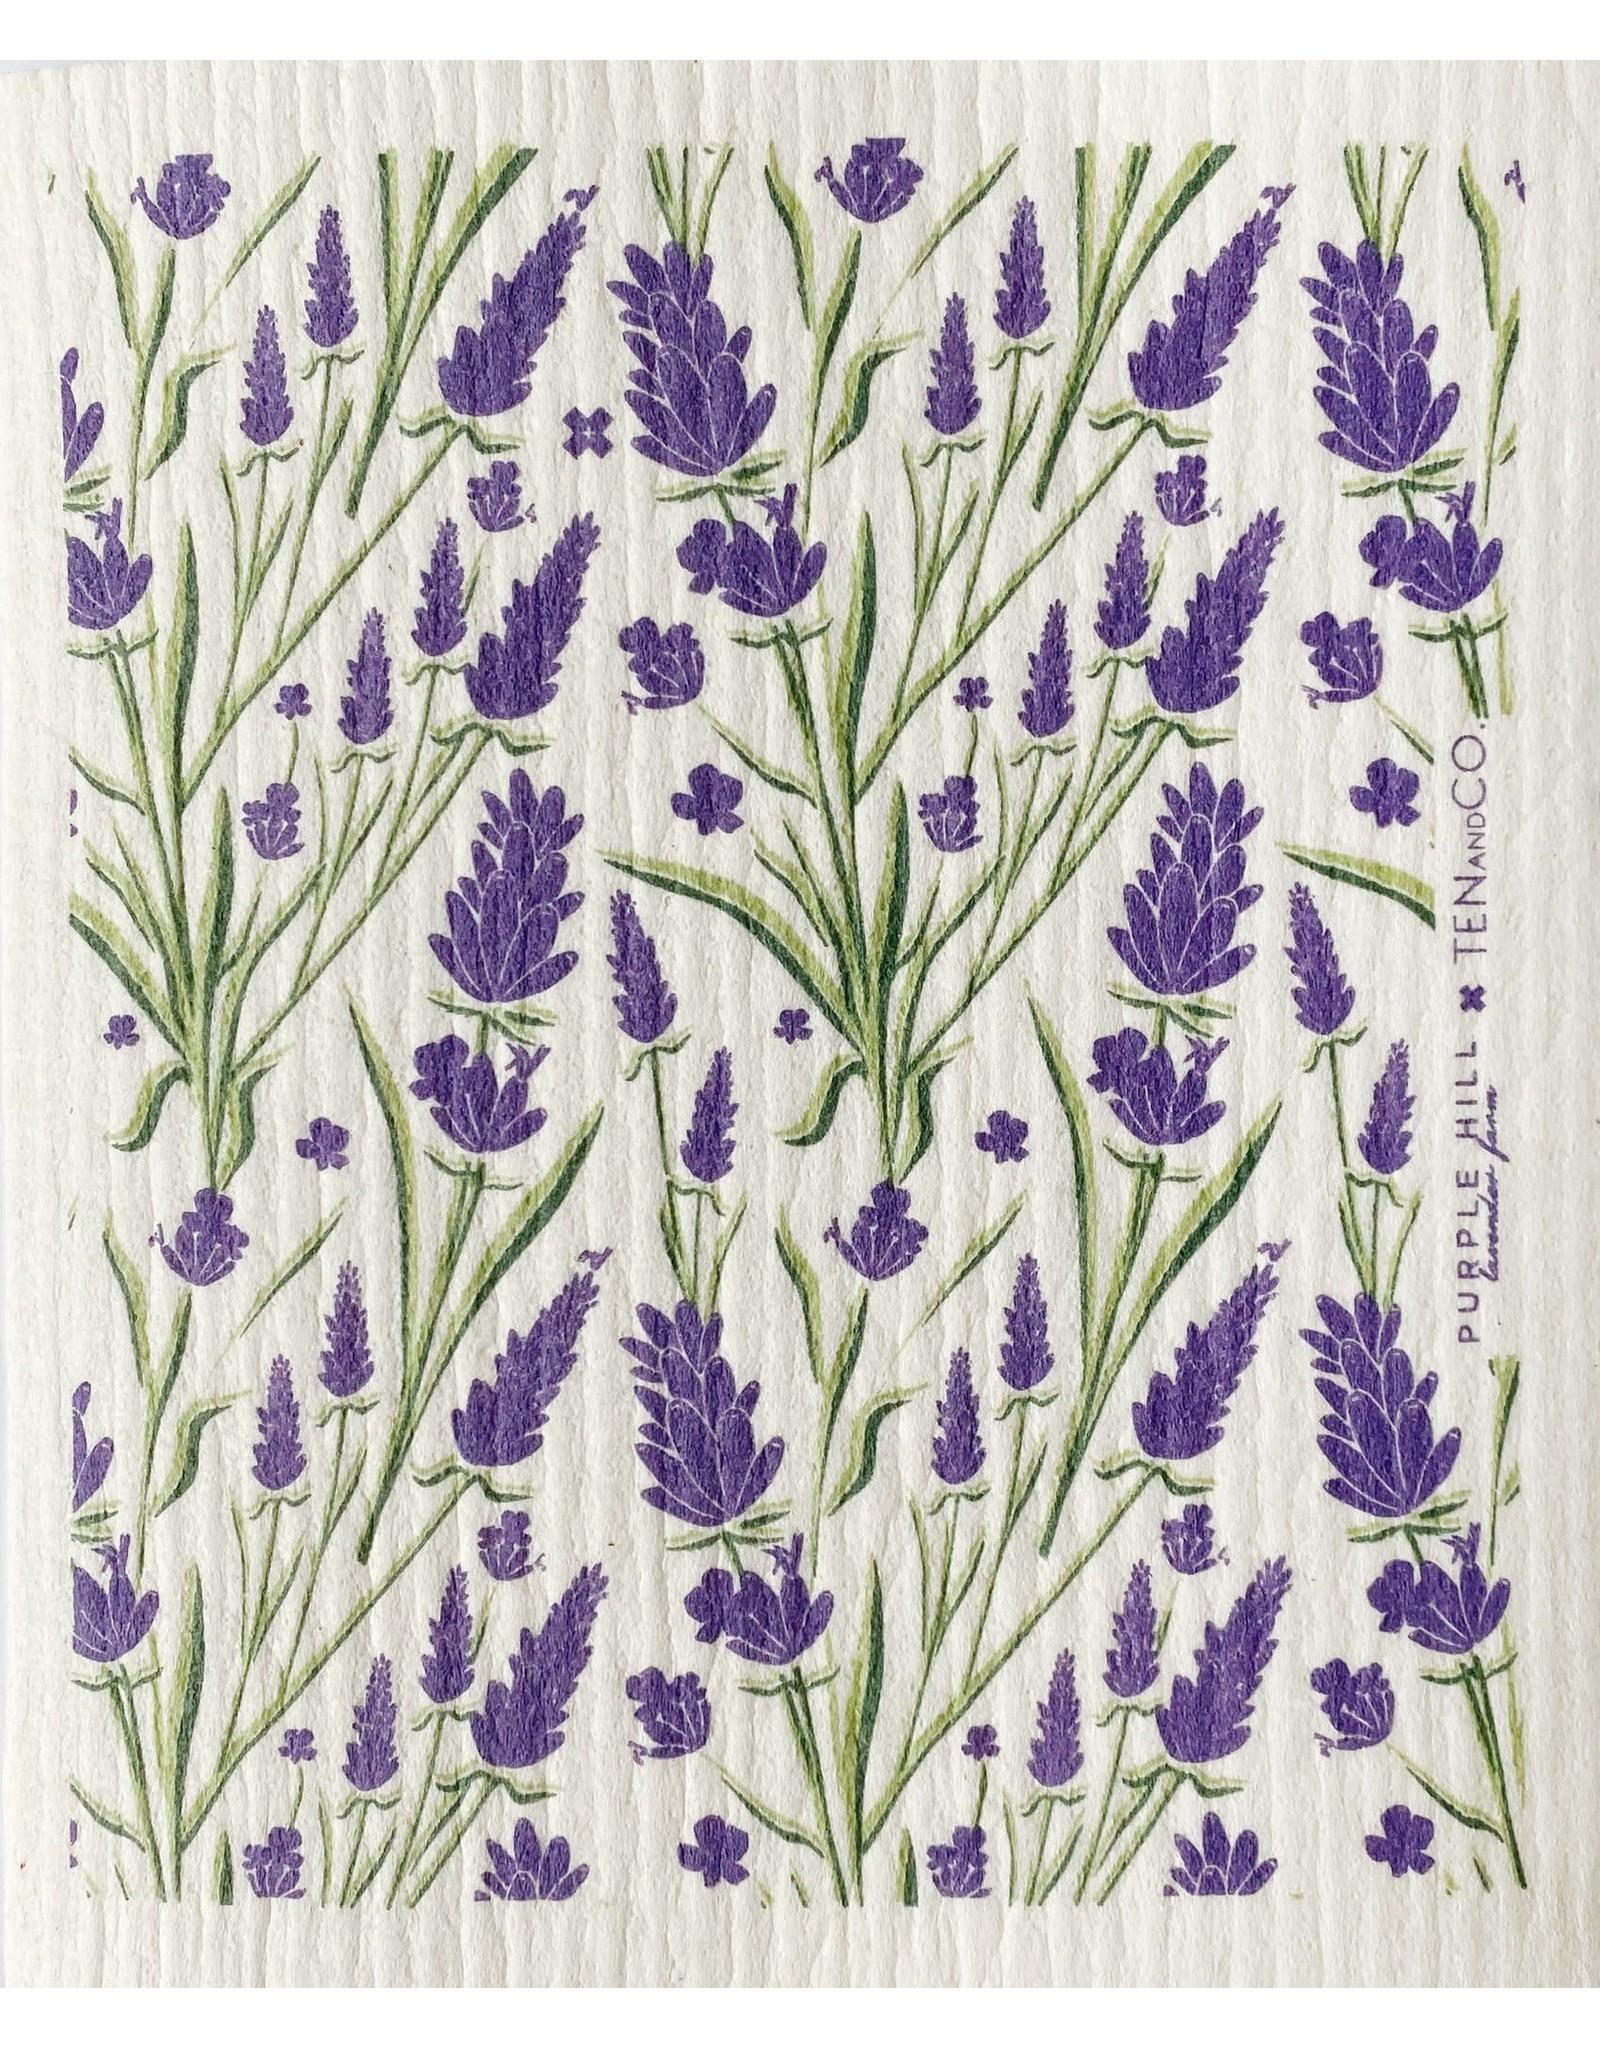 Ten & Co Lavender Sponge Cloth